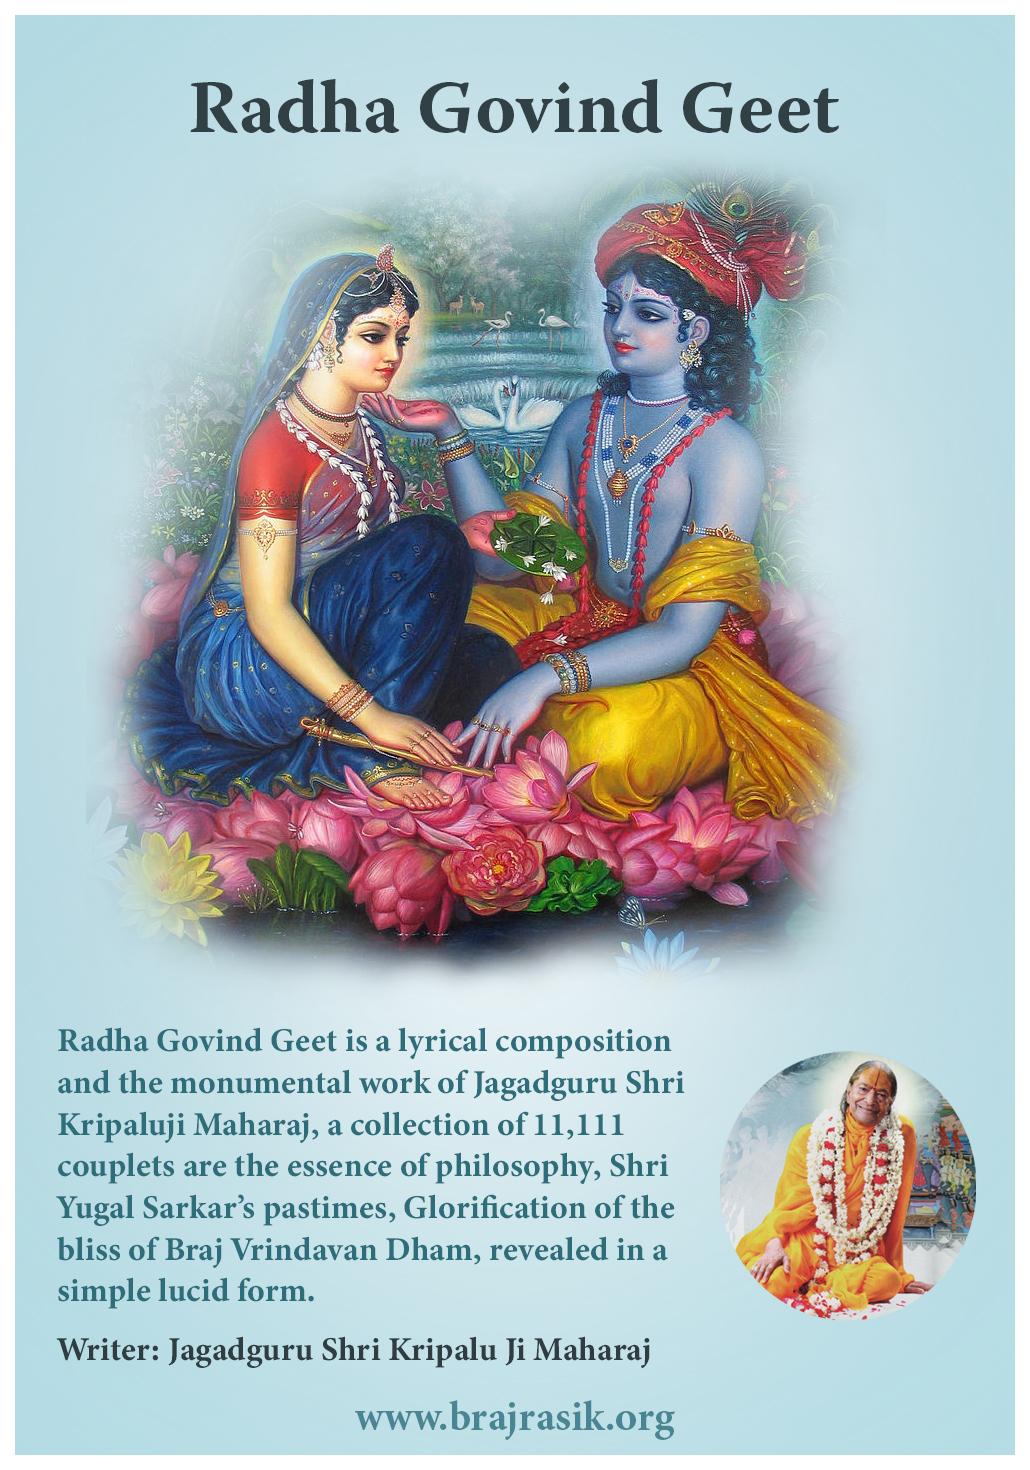 Radha Govind Geet